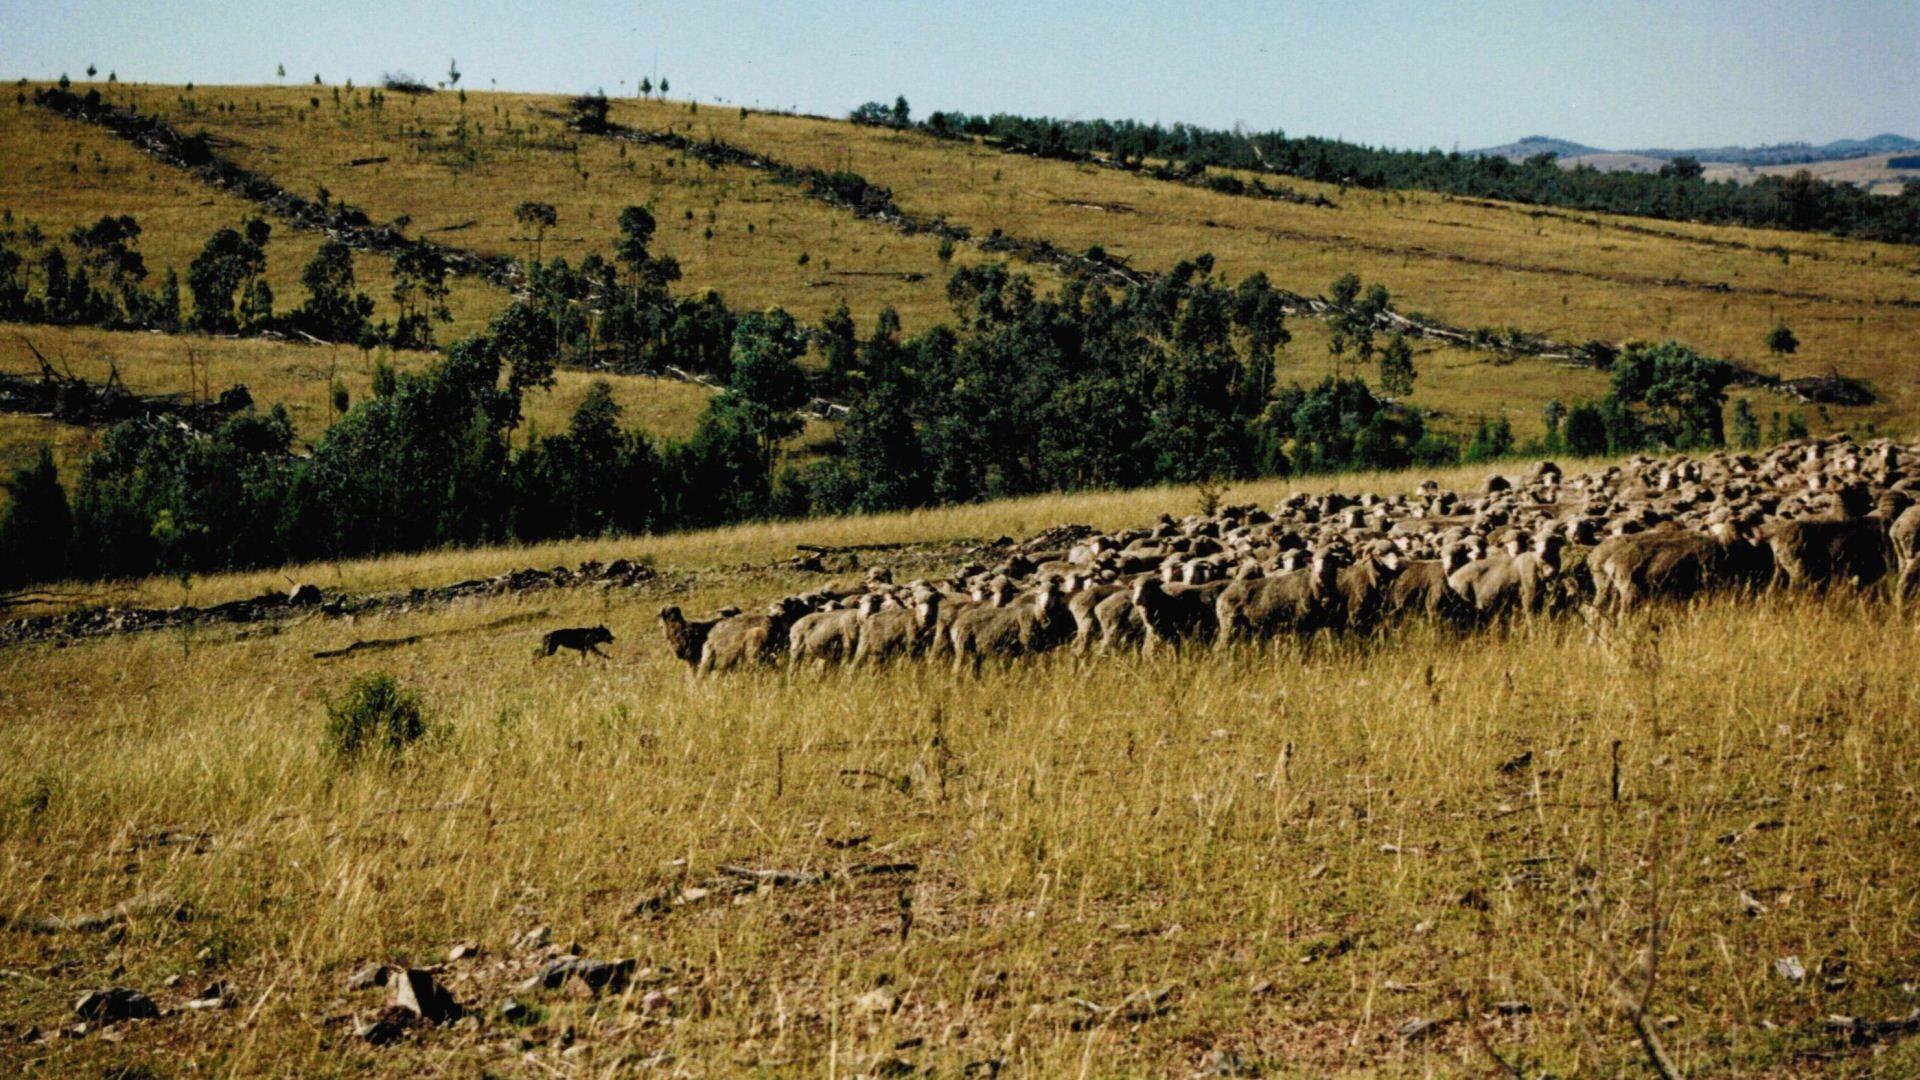 Working Kelpies hüten in Australien